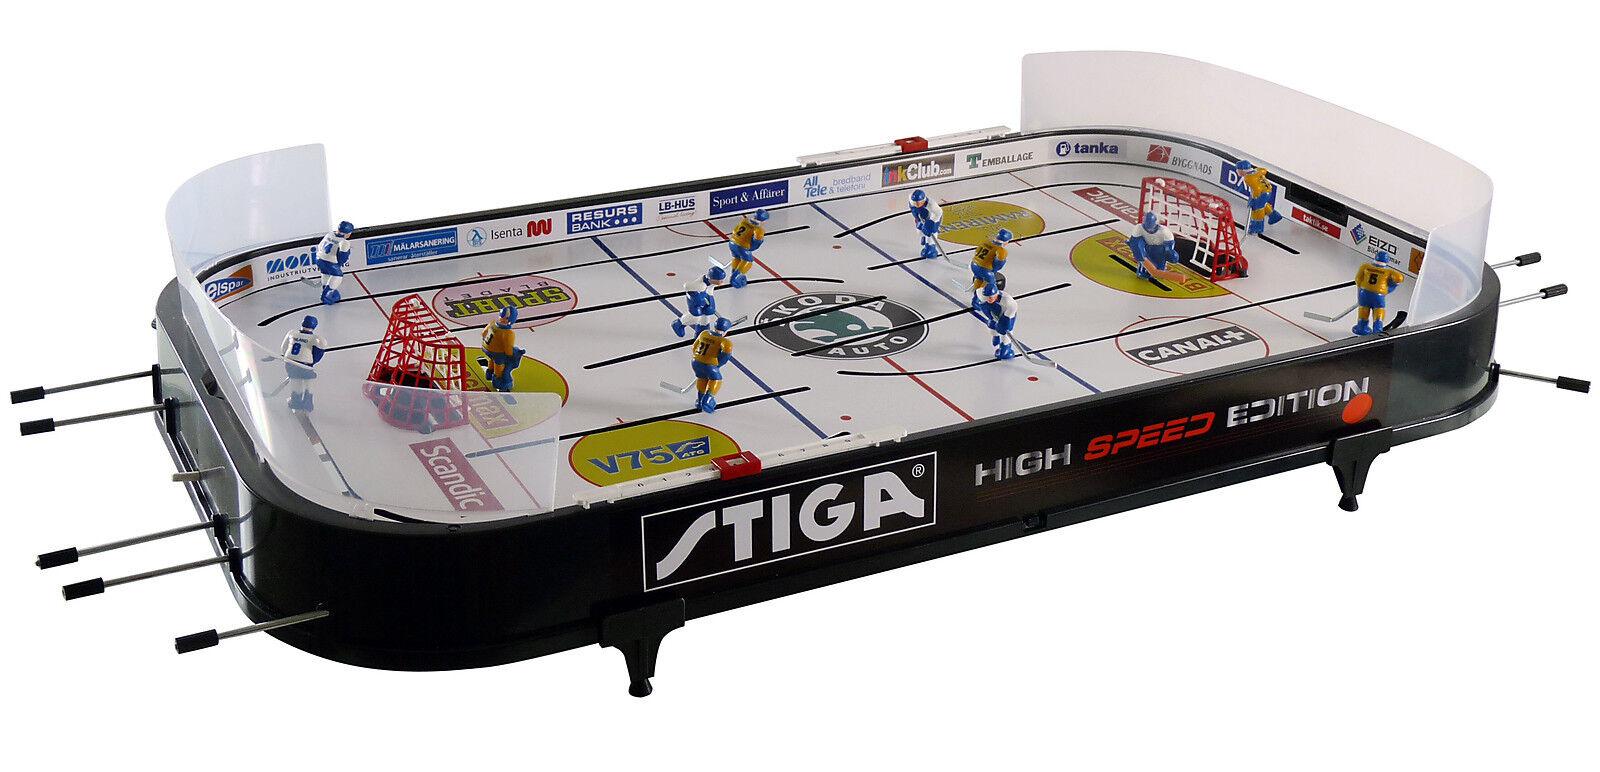 Stiga 71 1144 20 High Speed Eishockey Spiel Tisch